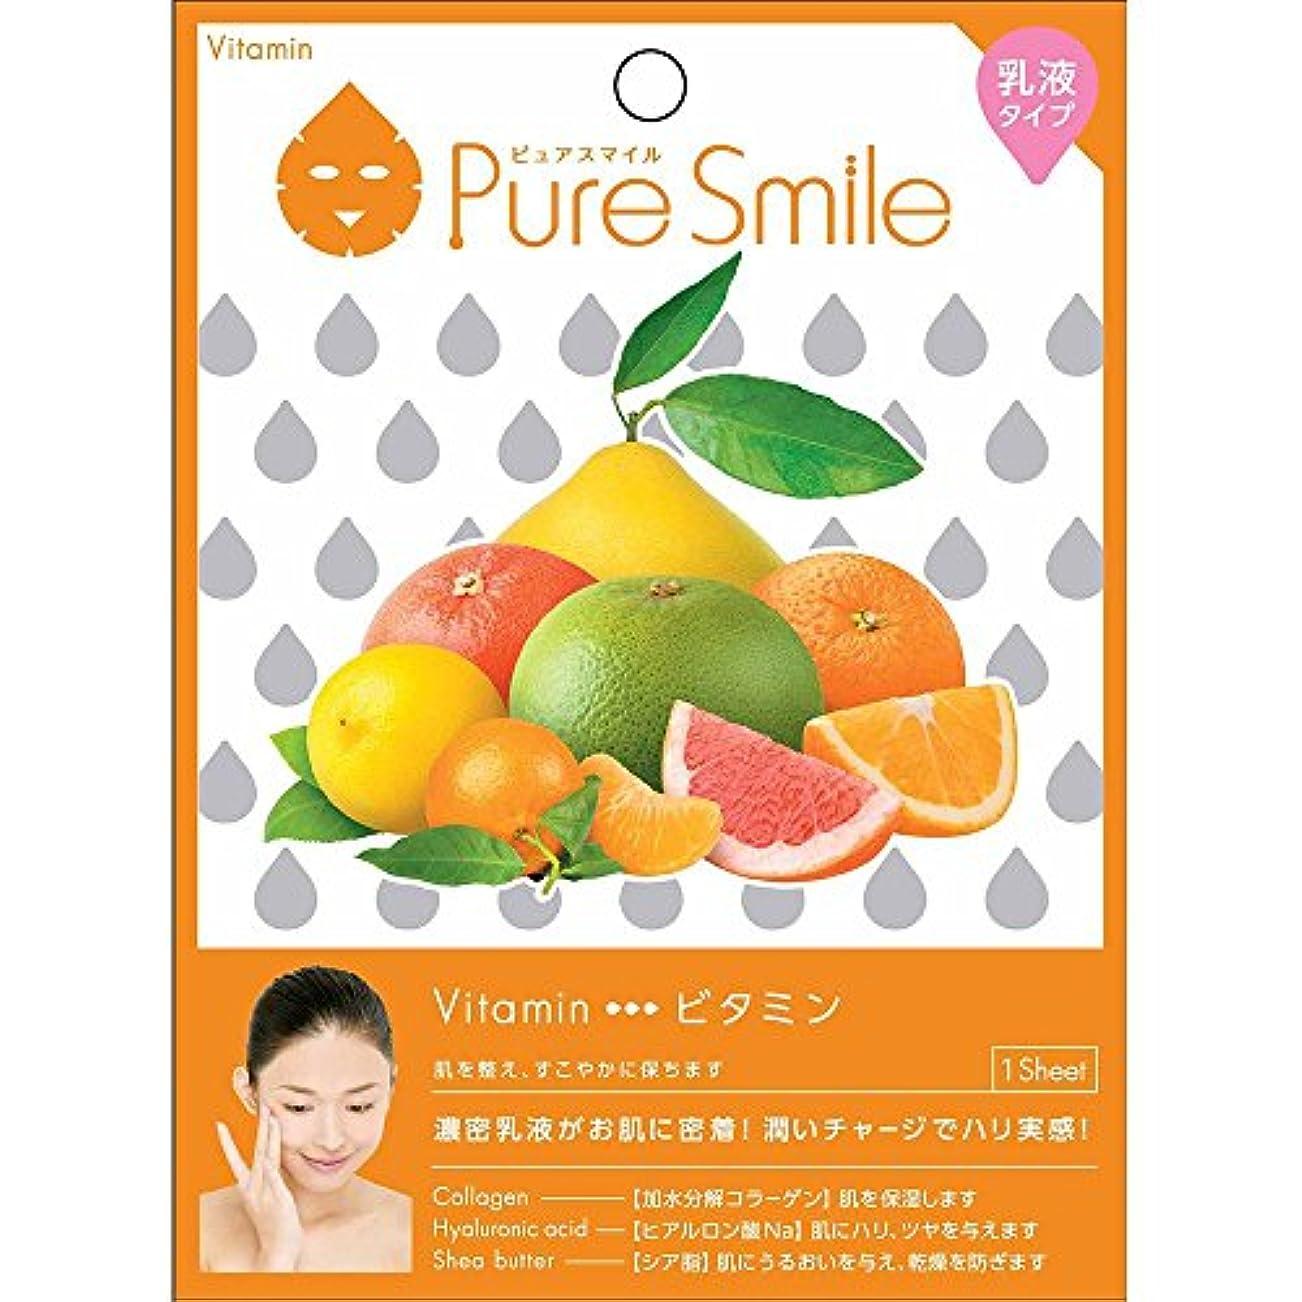 カウントピンク恐ろしいですPure Smile(ピュアスマイル) 乳液エッセンスマスク 1 枚 ビタミン